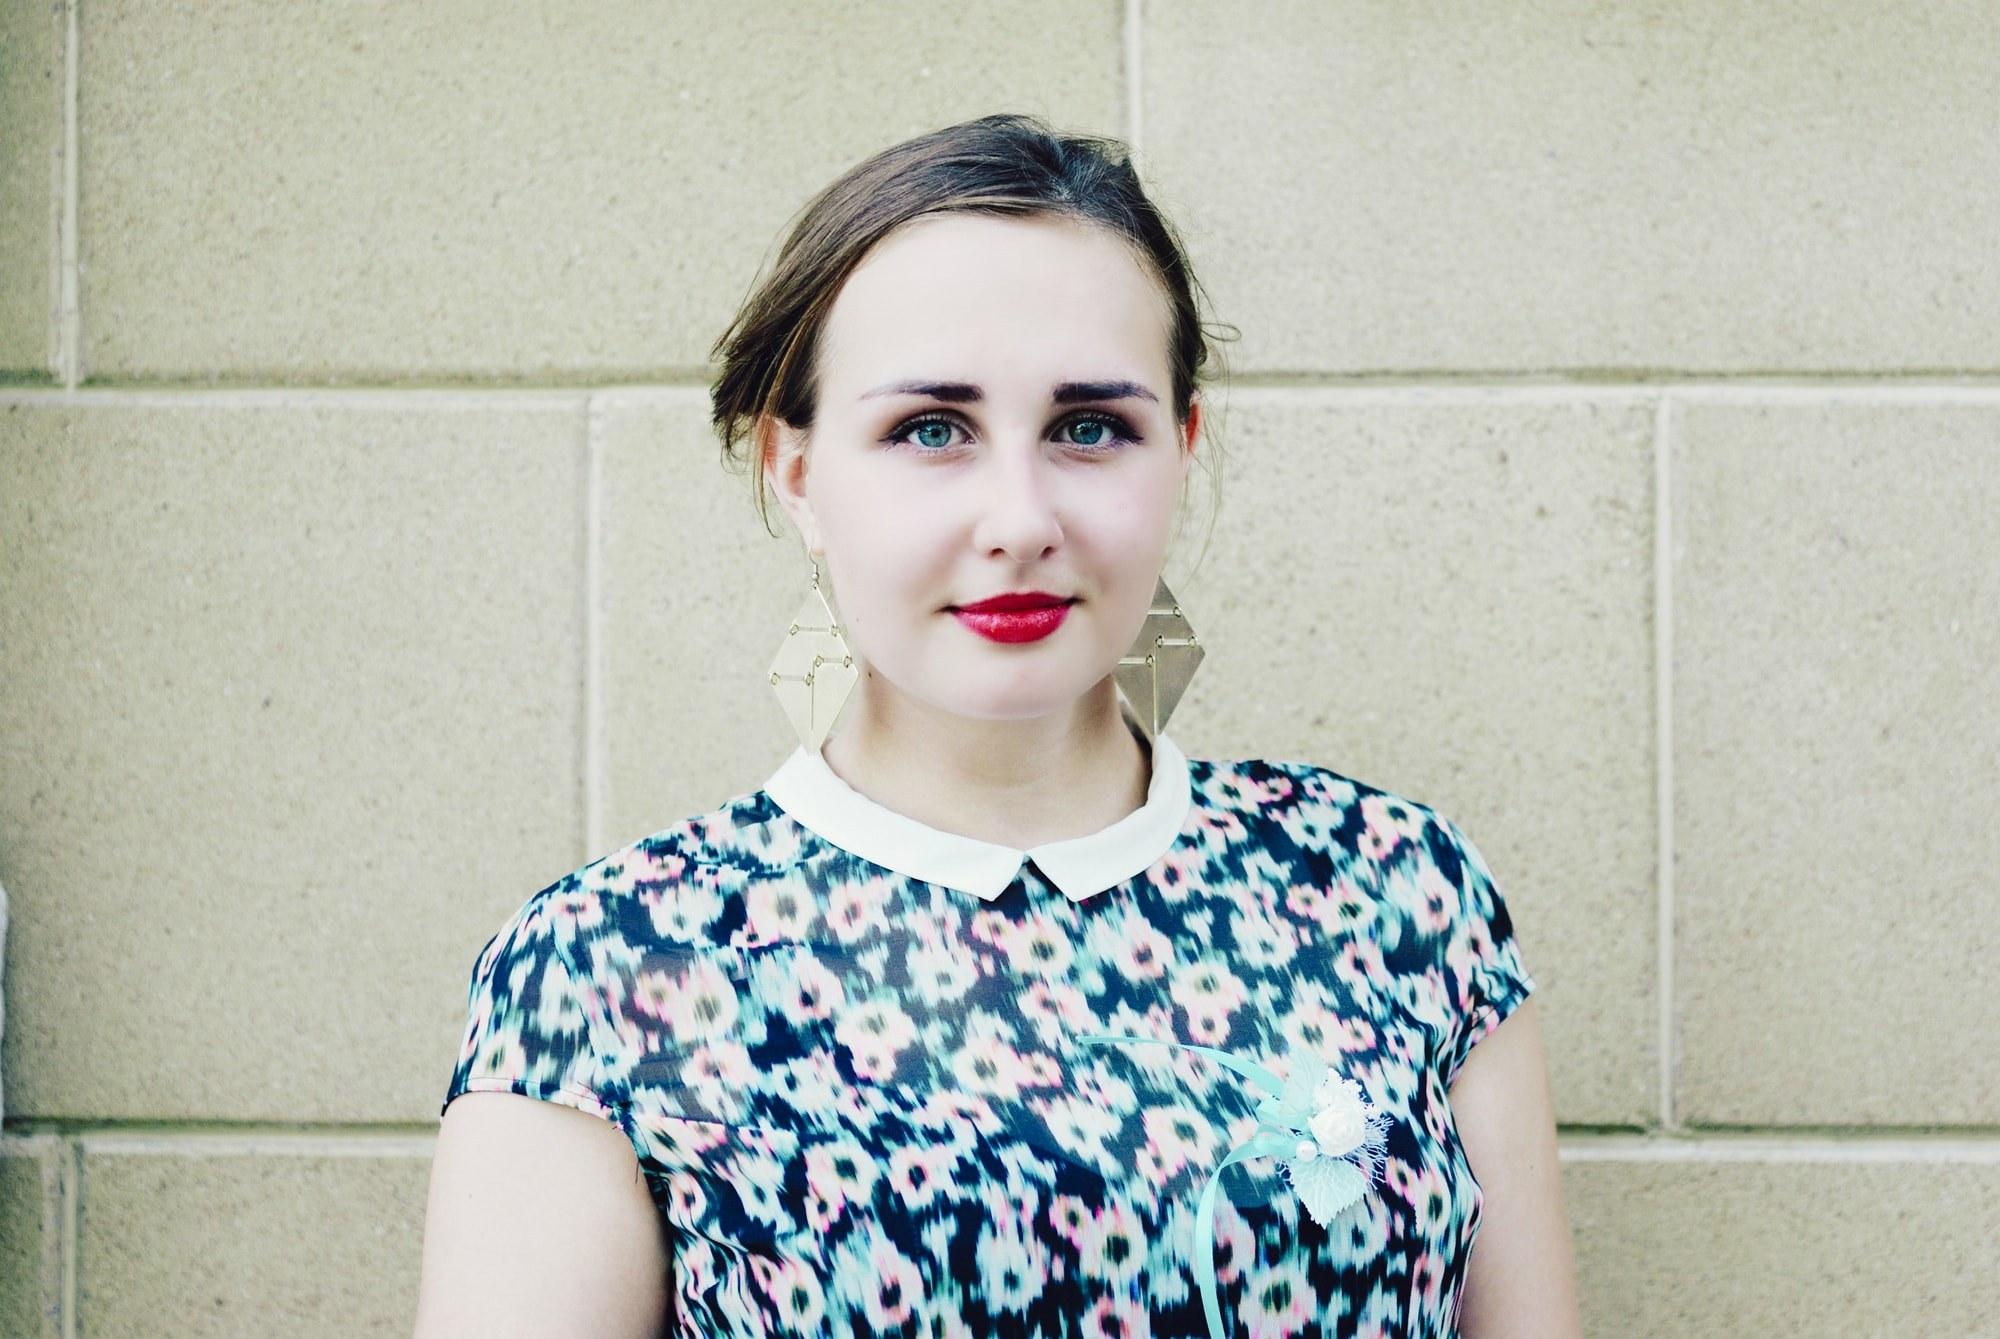 Портрет молодой девушки - Фотограф Киев - Женя Лайт